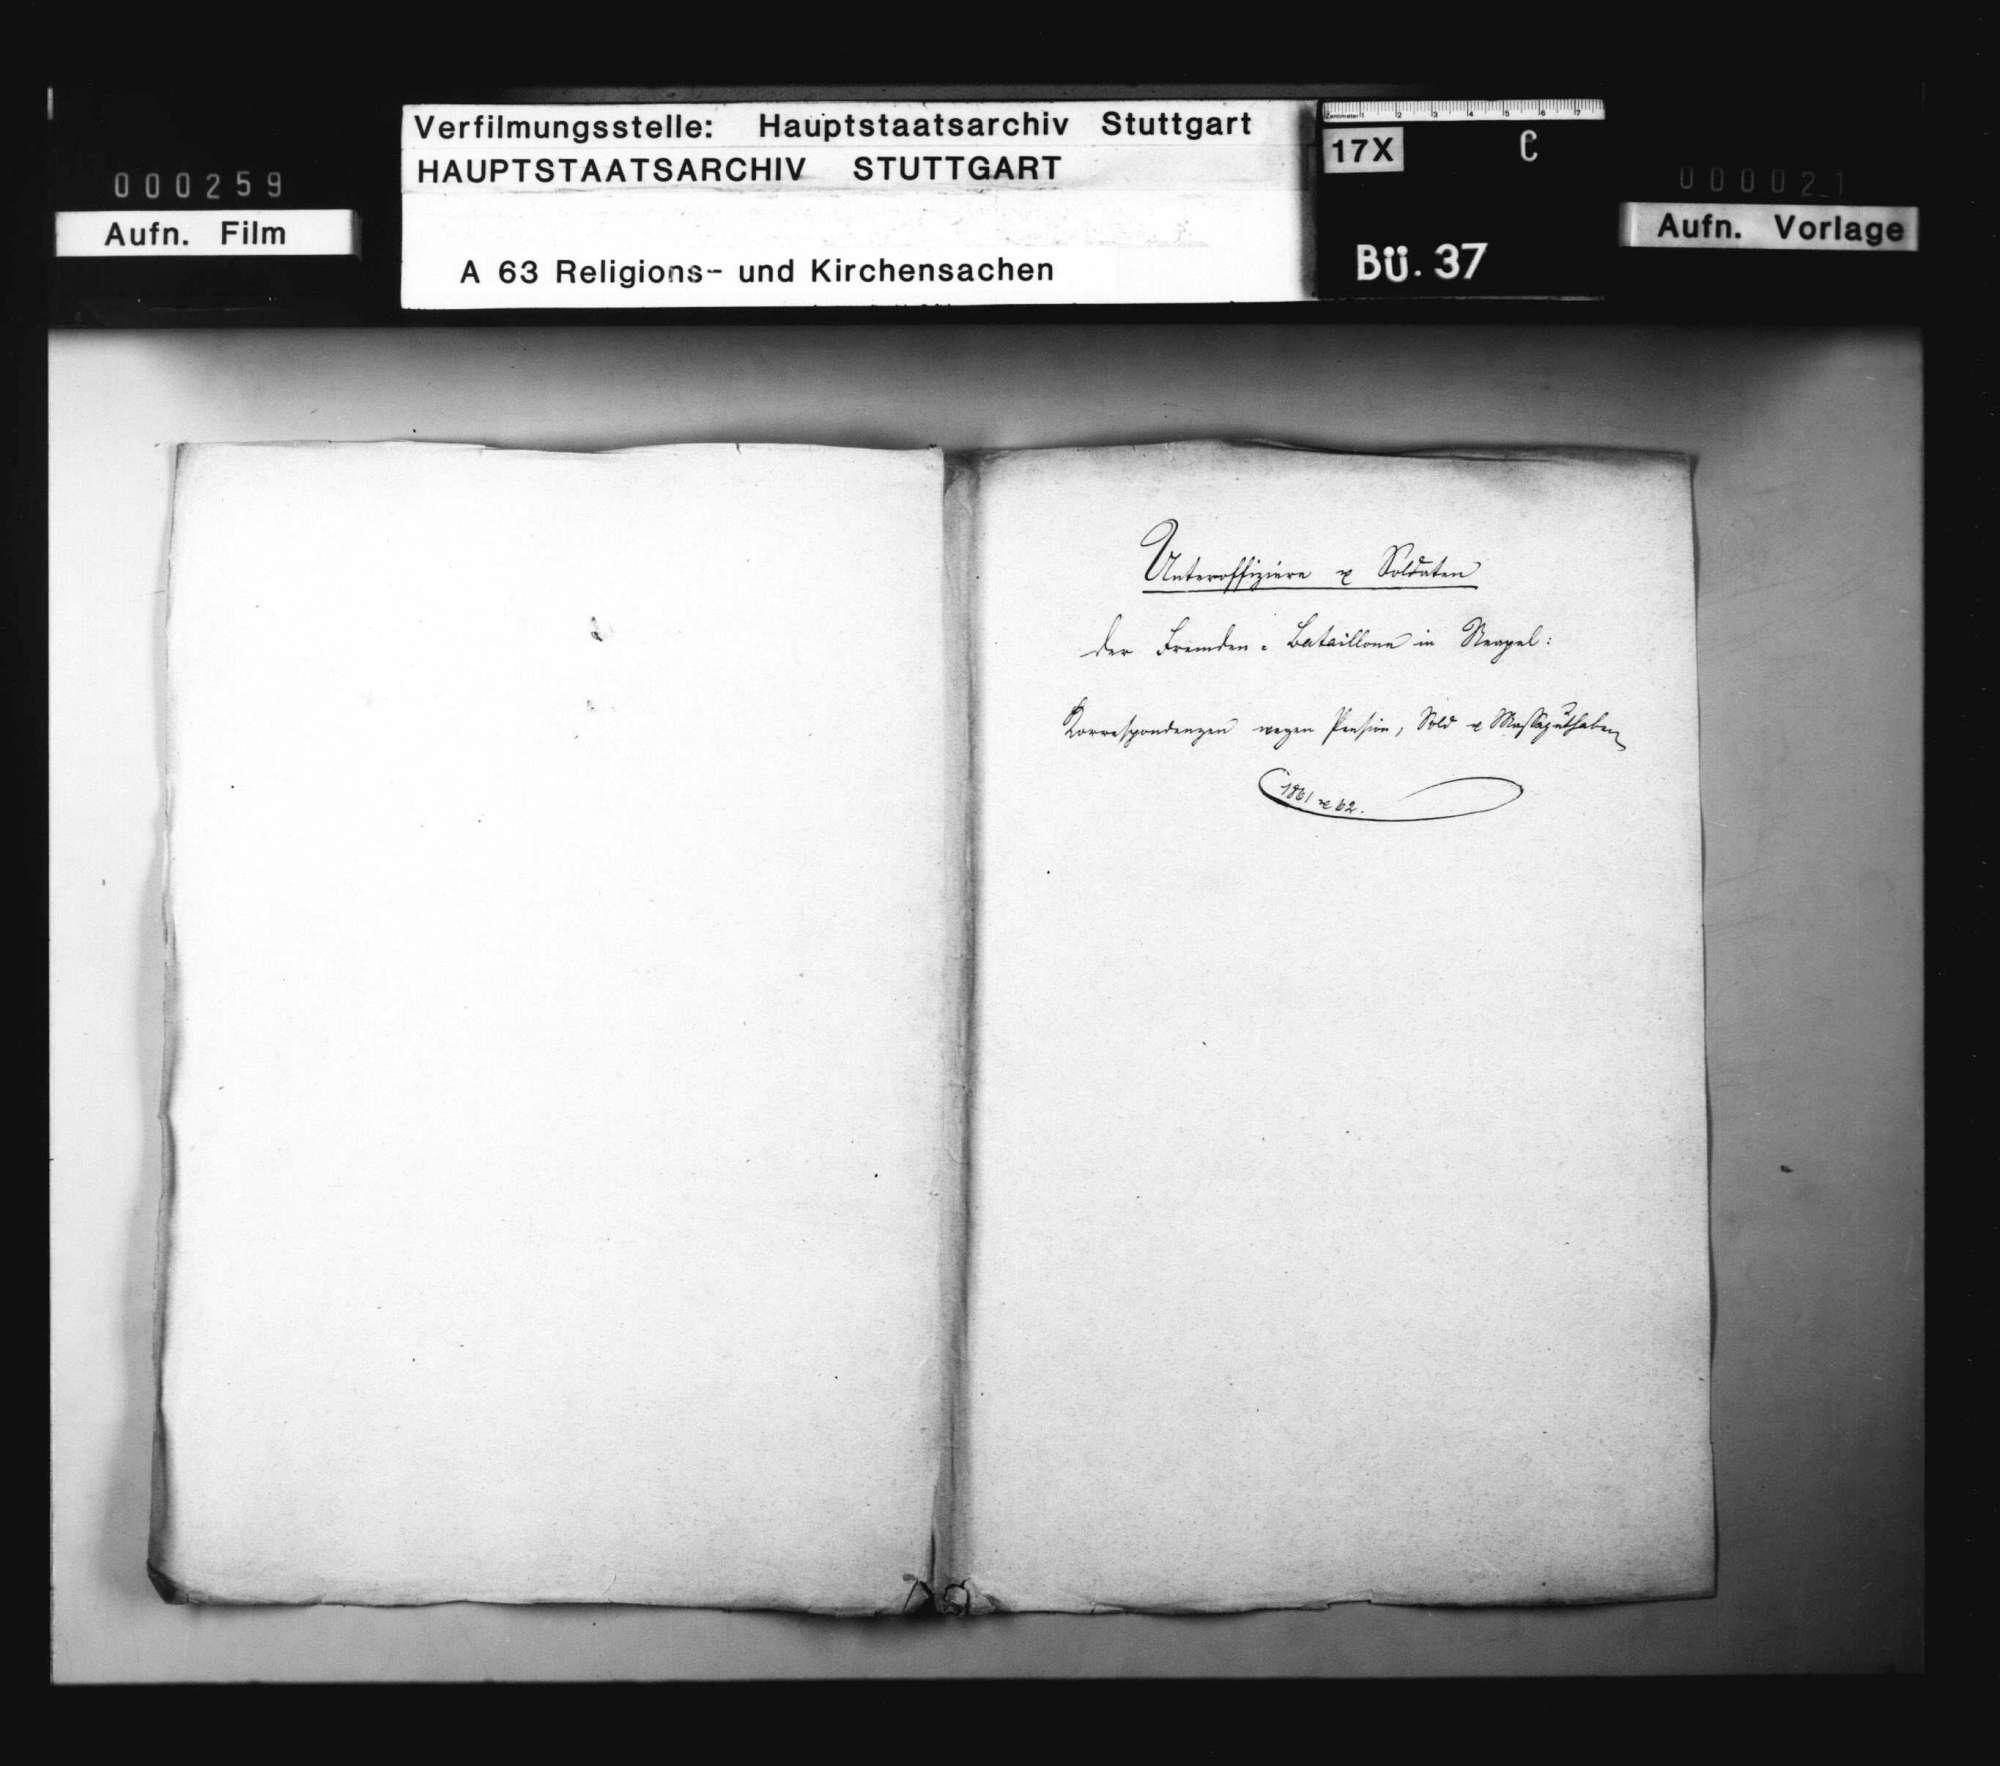 Schreiben von und an Pfalzgraf Johann Kasimir, Herzog Christoph und Pfalzgraf Wolfgang, warum sich mit dem Kurfürsten zu Pfalz in Religionssachen nicht einzulassen., Bild 1